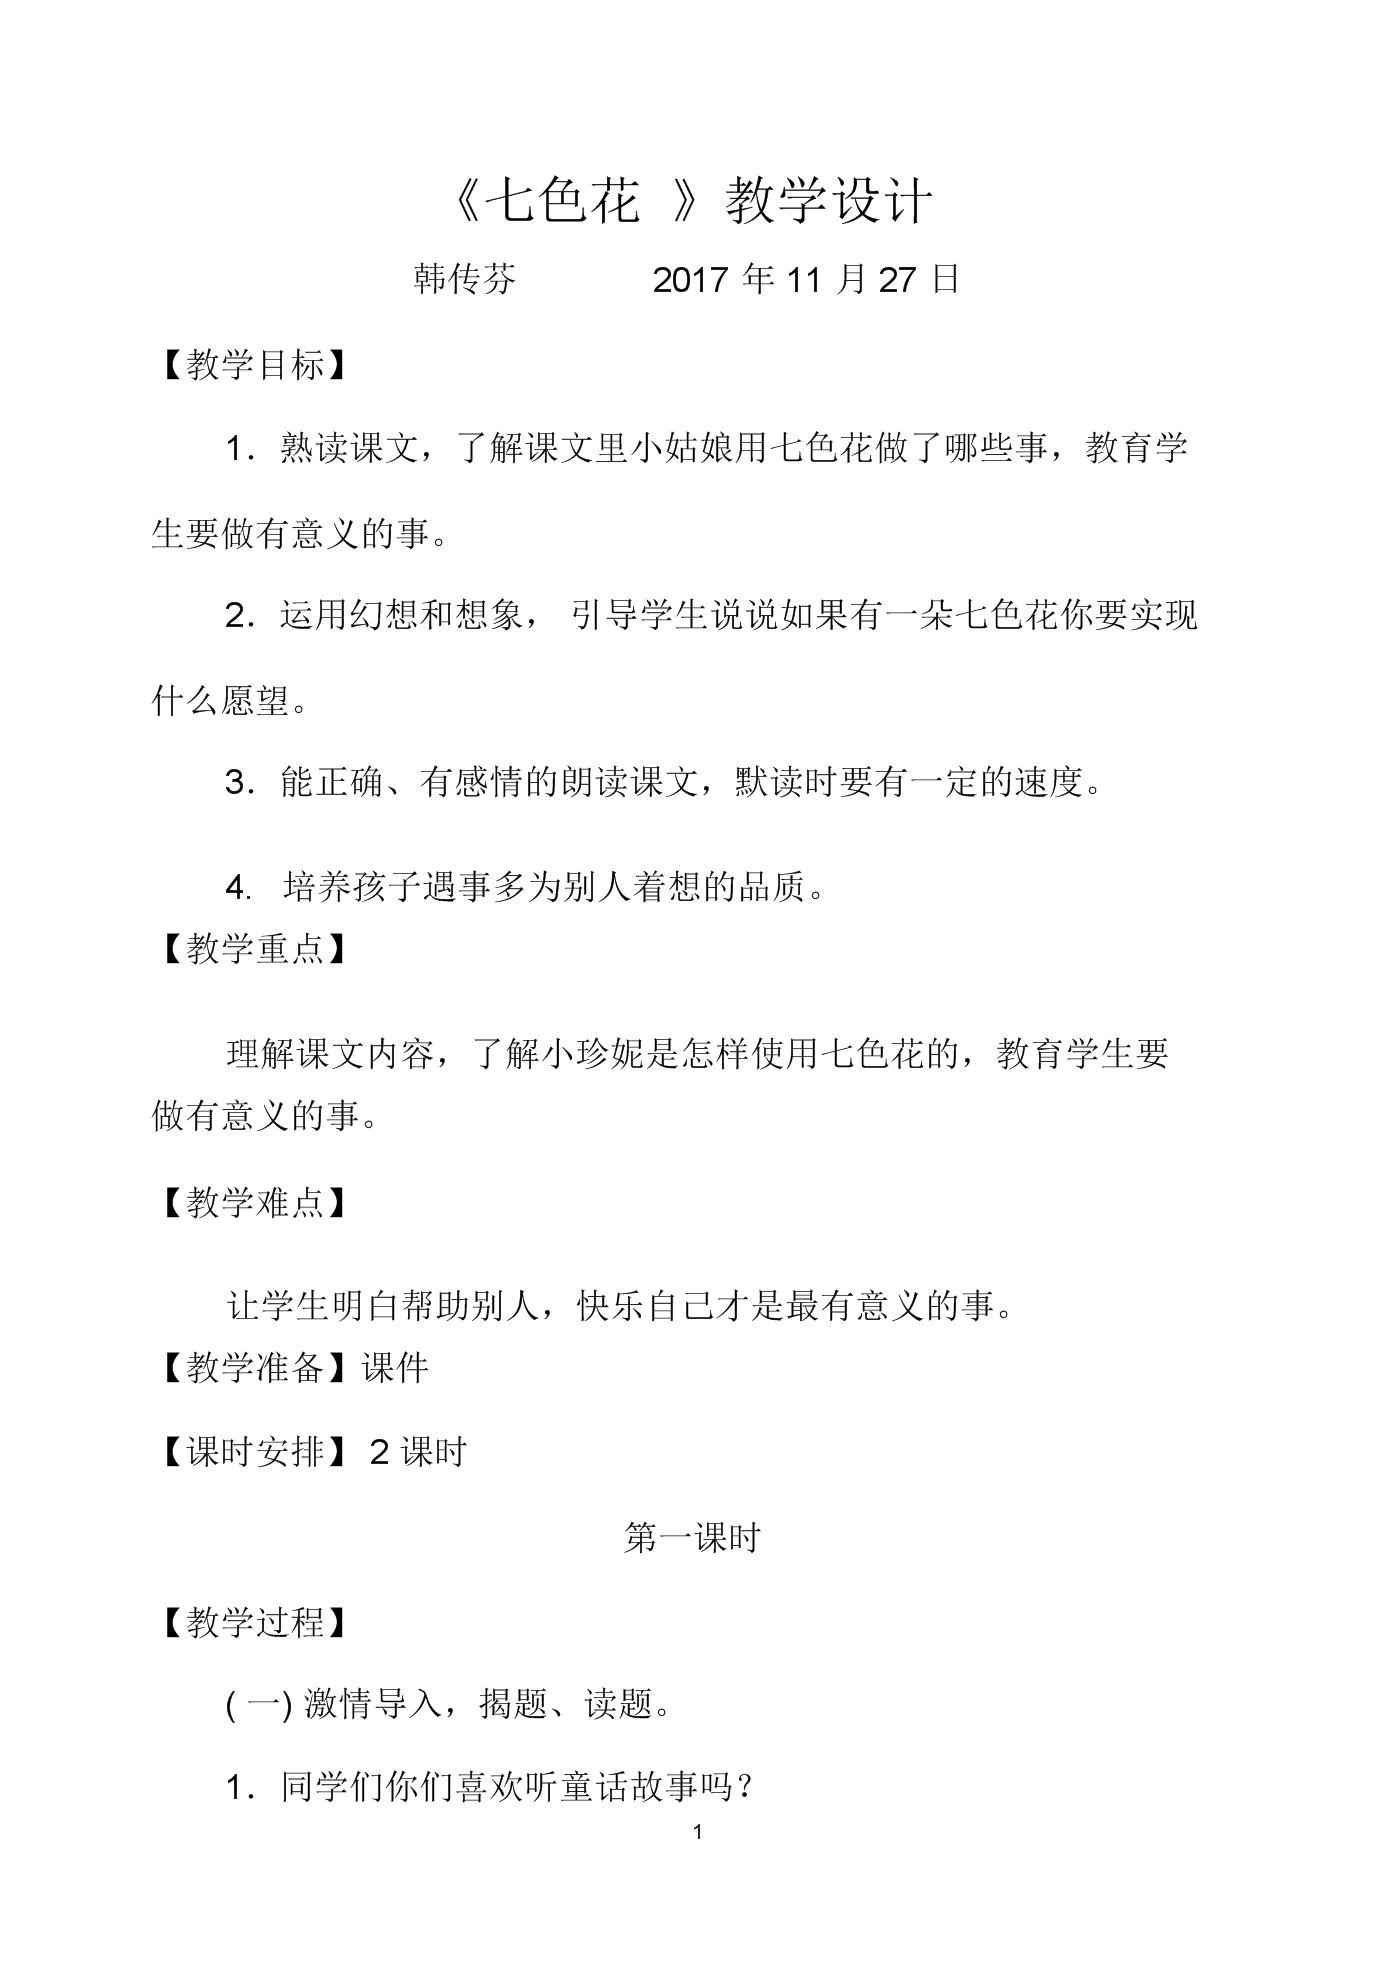 完整版本七色花公开课教学教案.docx